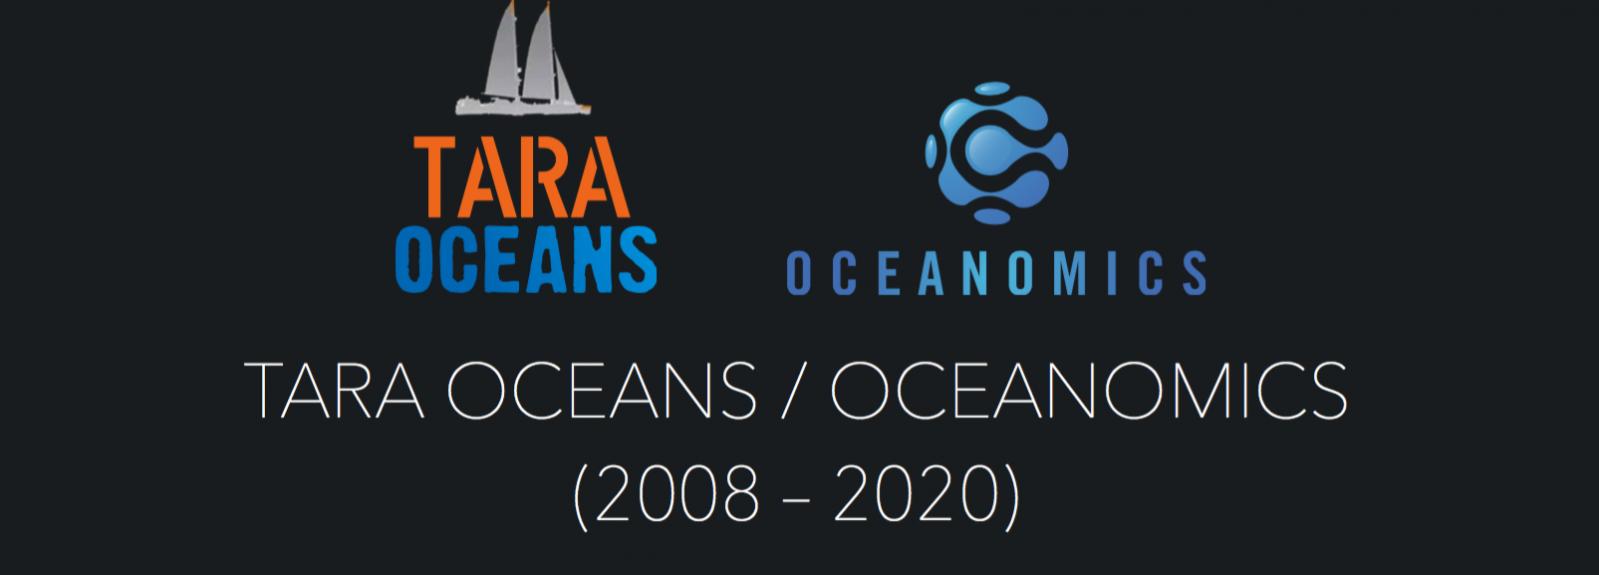 Un état des lieux sur les recherches de Tara Oceans et OCEANOMICS en 2017